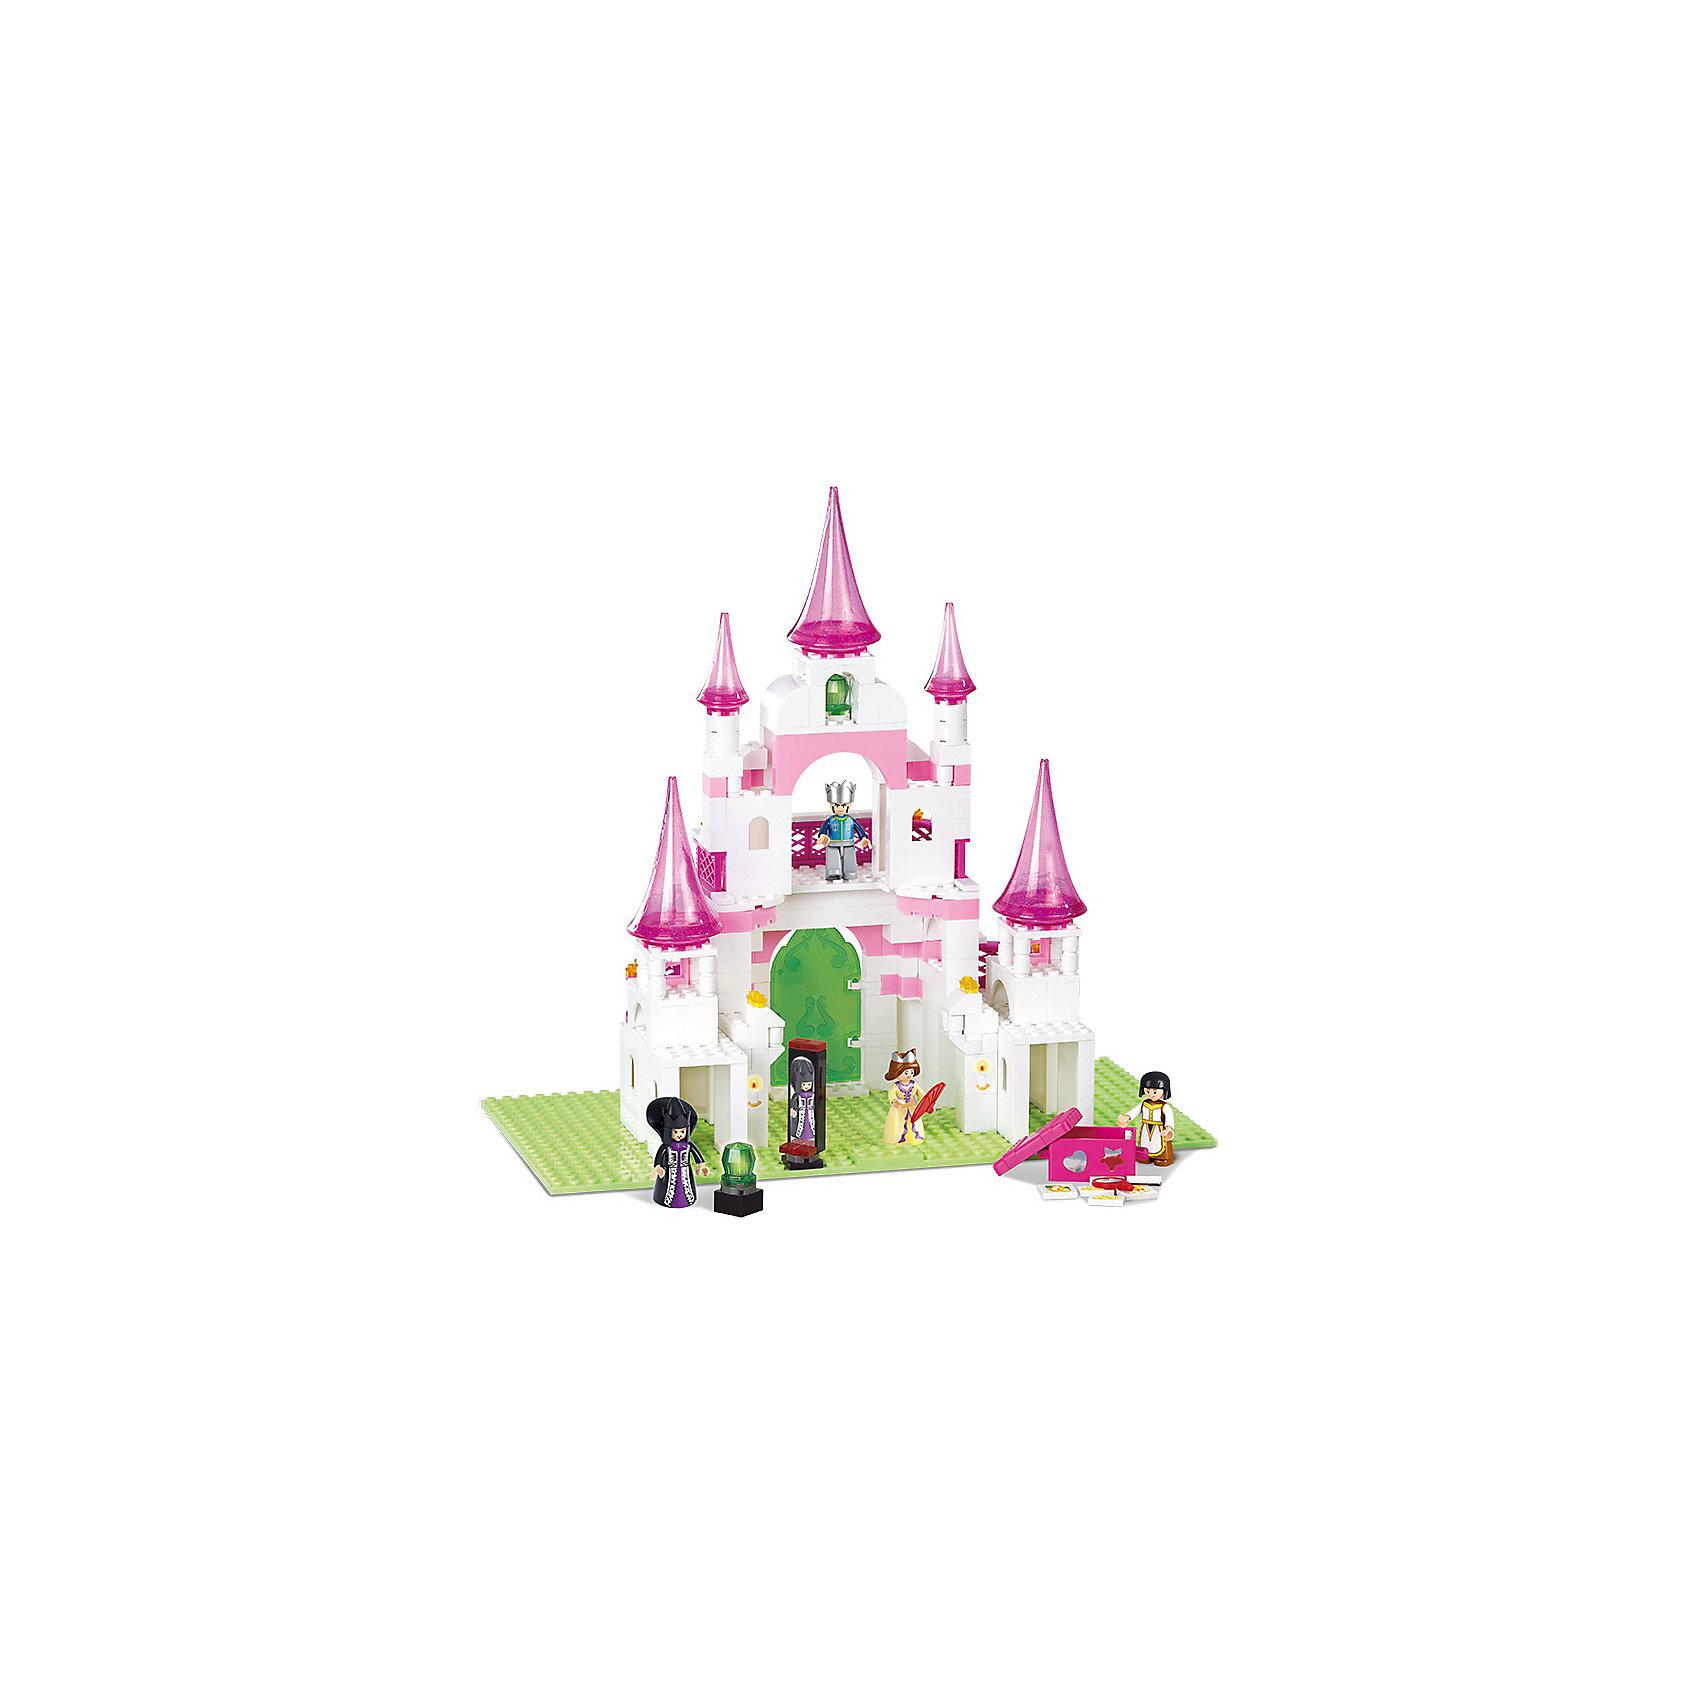 Конструктор Розовая мечта: Замок принцессы, SlubanКонструкторы для девочек<br>В наборе: четырехэтажный замок, мебель, фигурки людей, фигурка принца на белом коне, 271 деталь<br><br>Ширина мм: 360<br>Глубина мм: 260<br>Высота мм: 60<br>Вес г: 980<br>Возраст от месяцев: 72<br>Возраст до месяцев: 1188<br>Пол: Женский<br>Возраст: Детский<br>SKU: 5005648